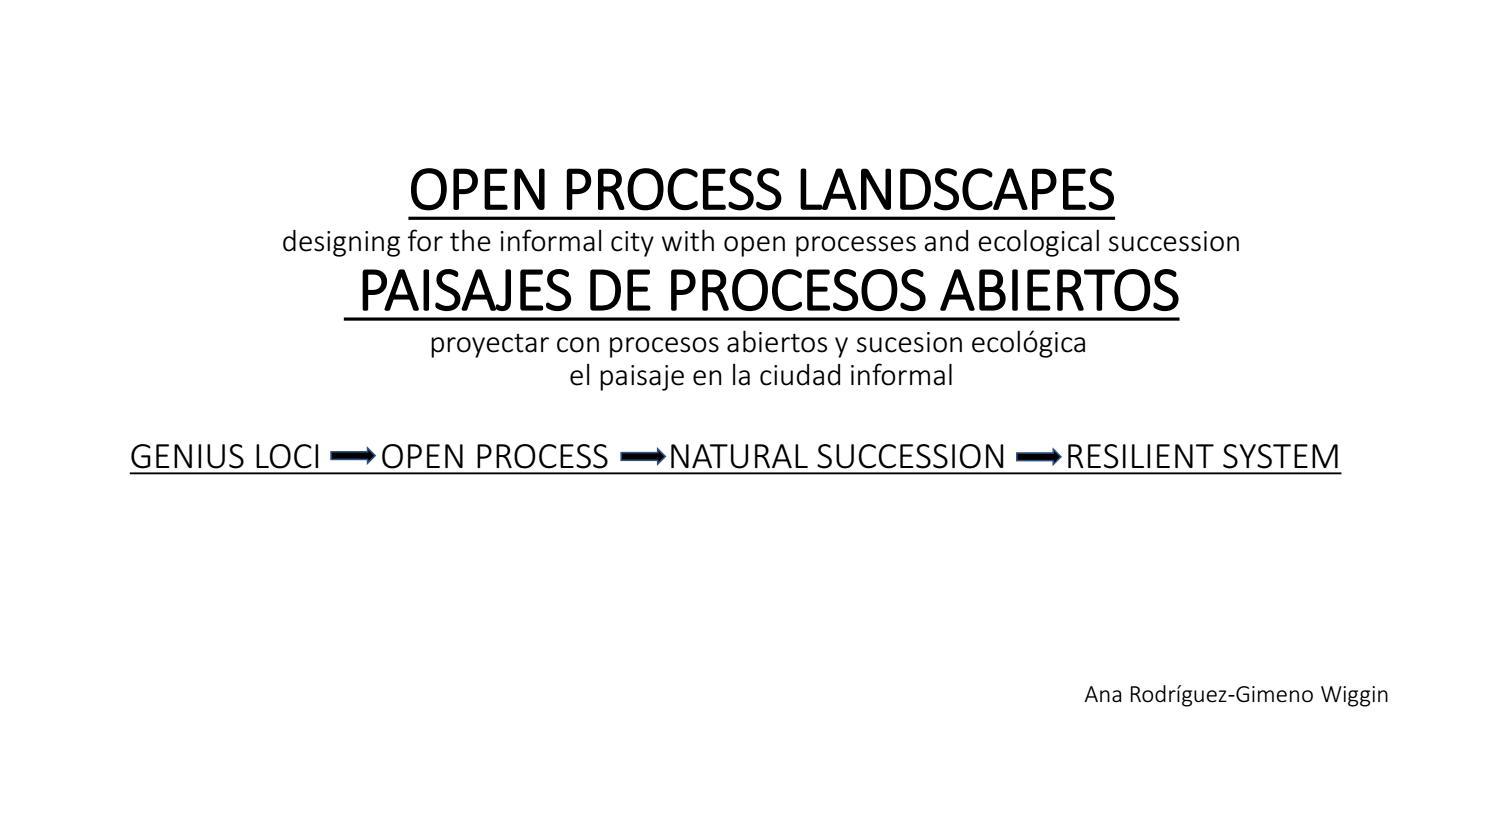 Open process landscapes - Anna Rodriguez Gimeno Wiggin-2017 by